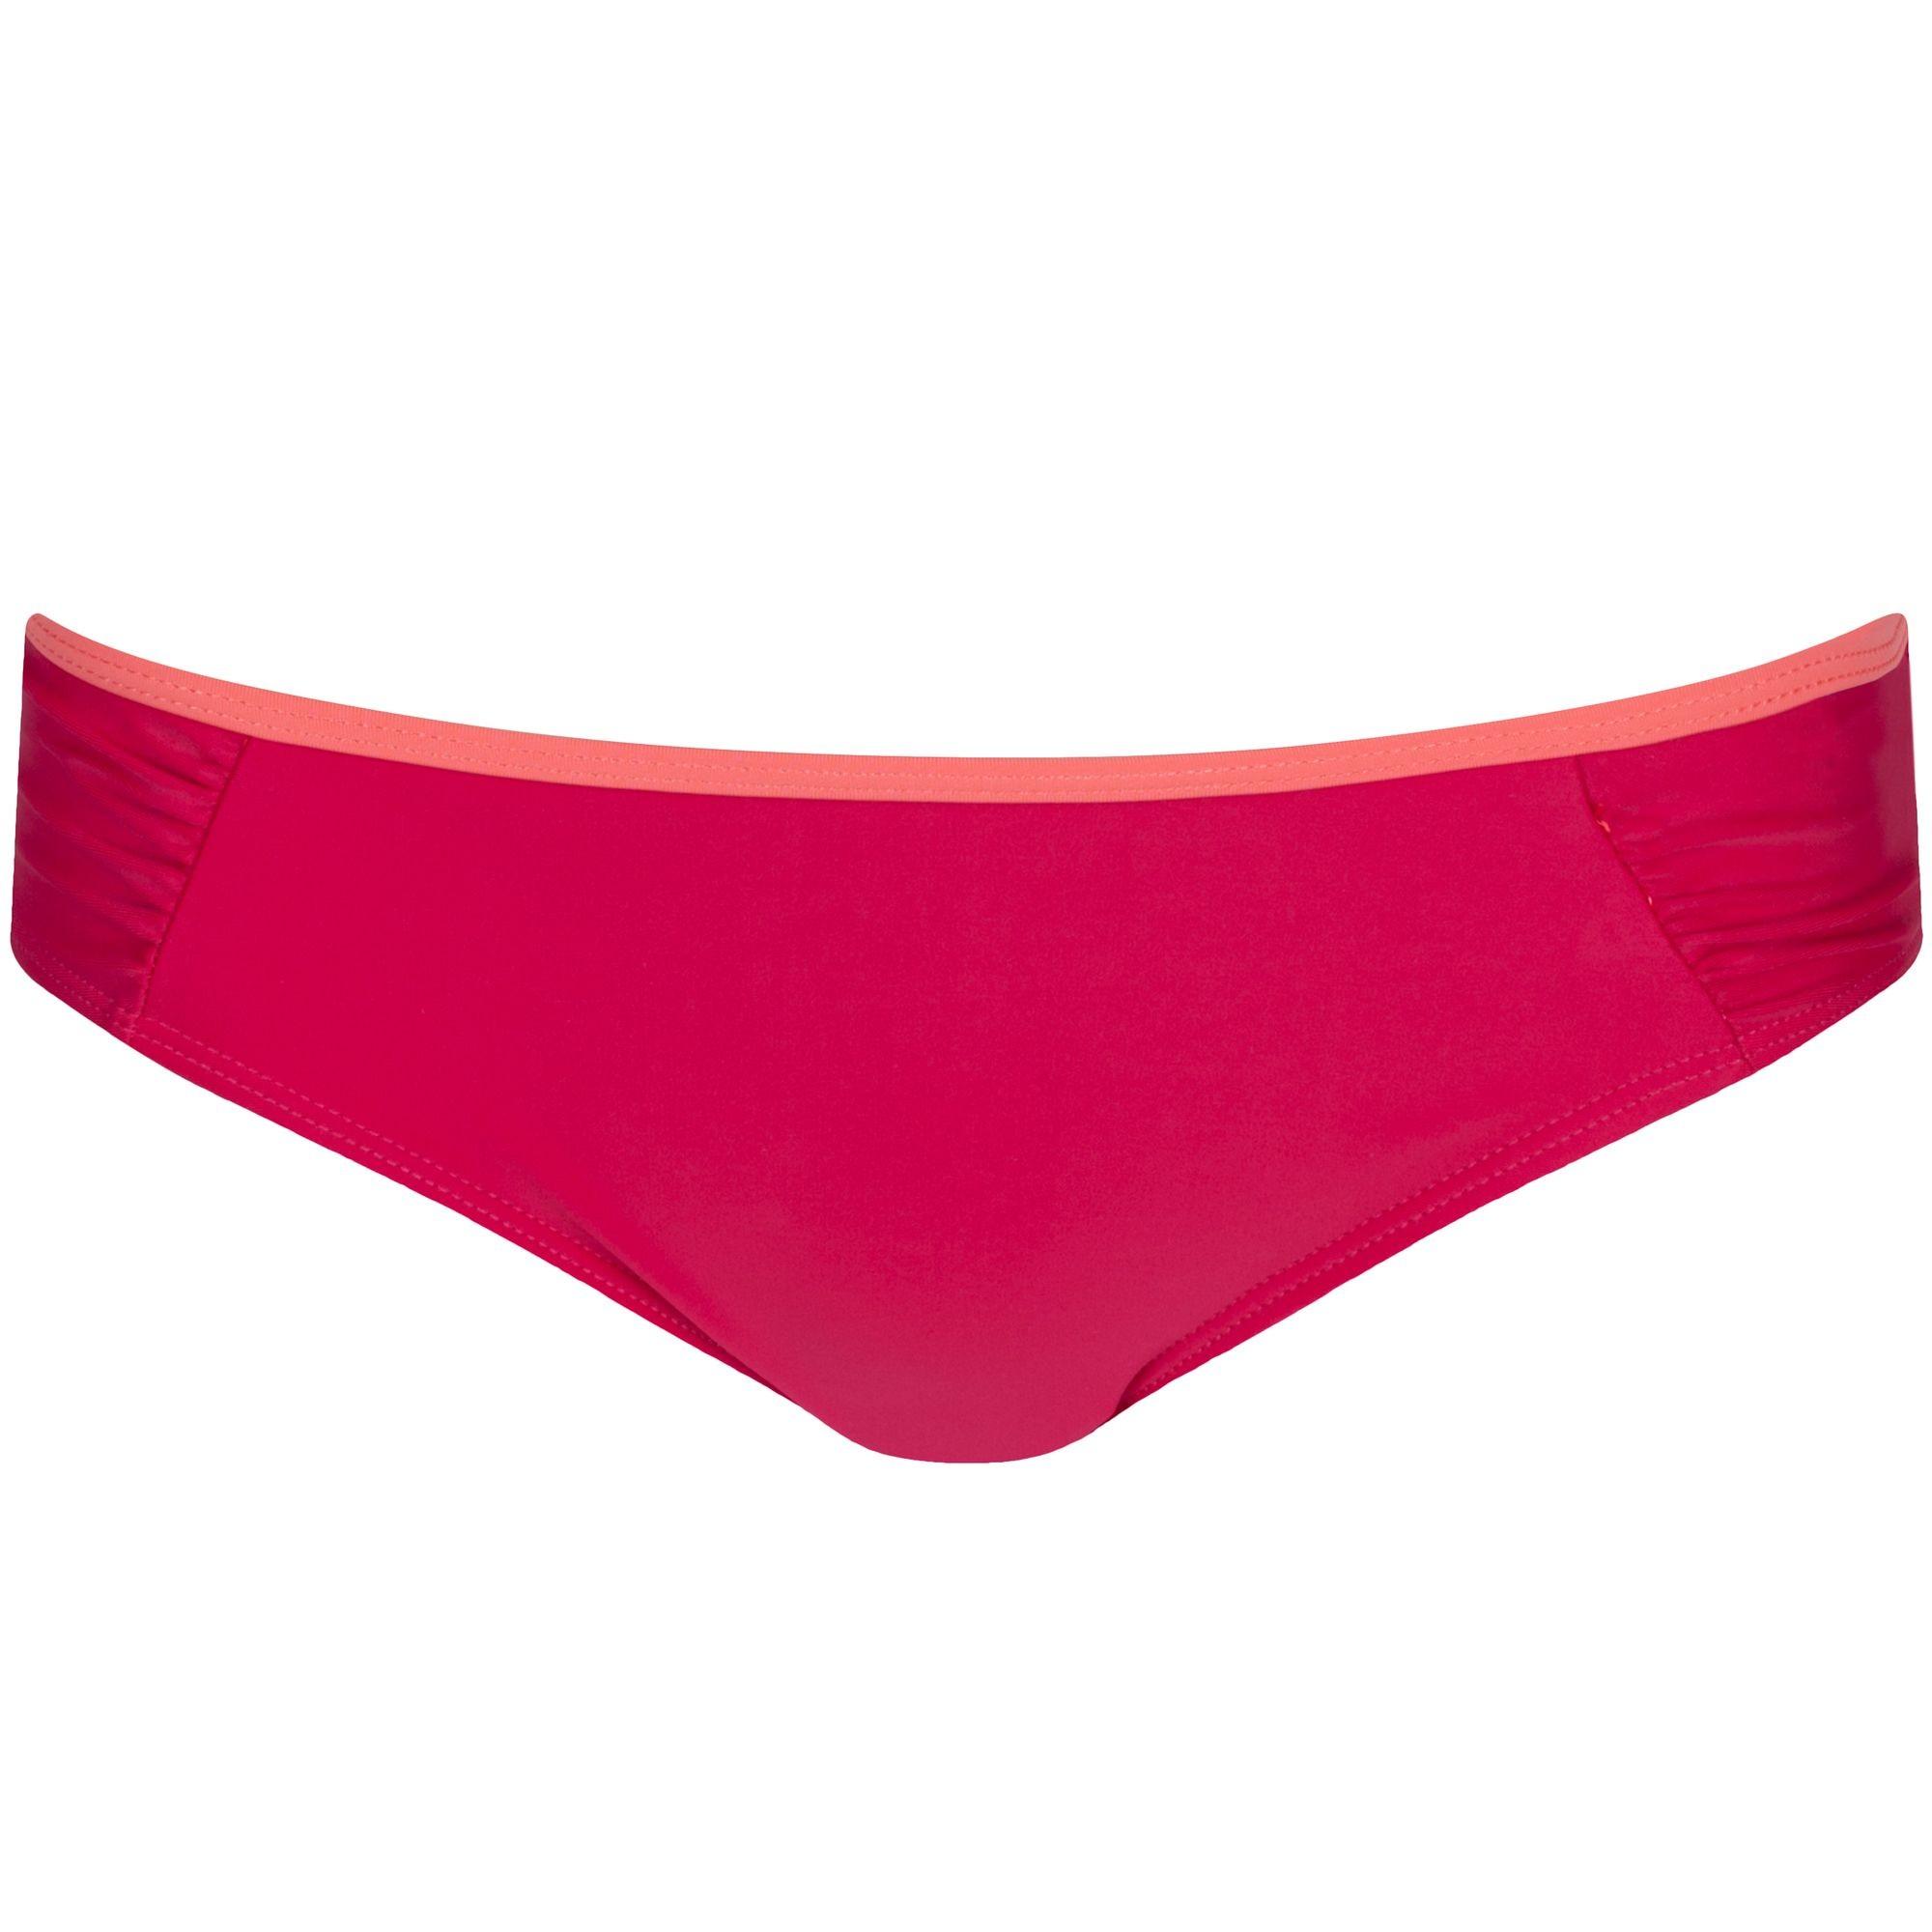 miniature 36 - Regatta - Culotte de maillot de bain ACEANA - Femme (RG2578)